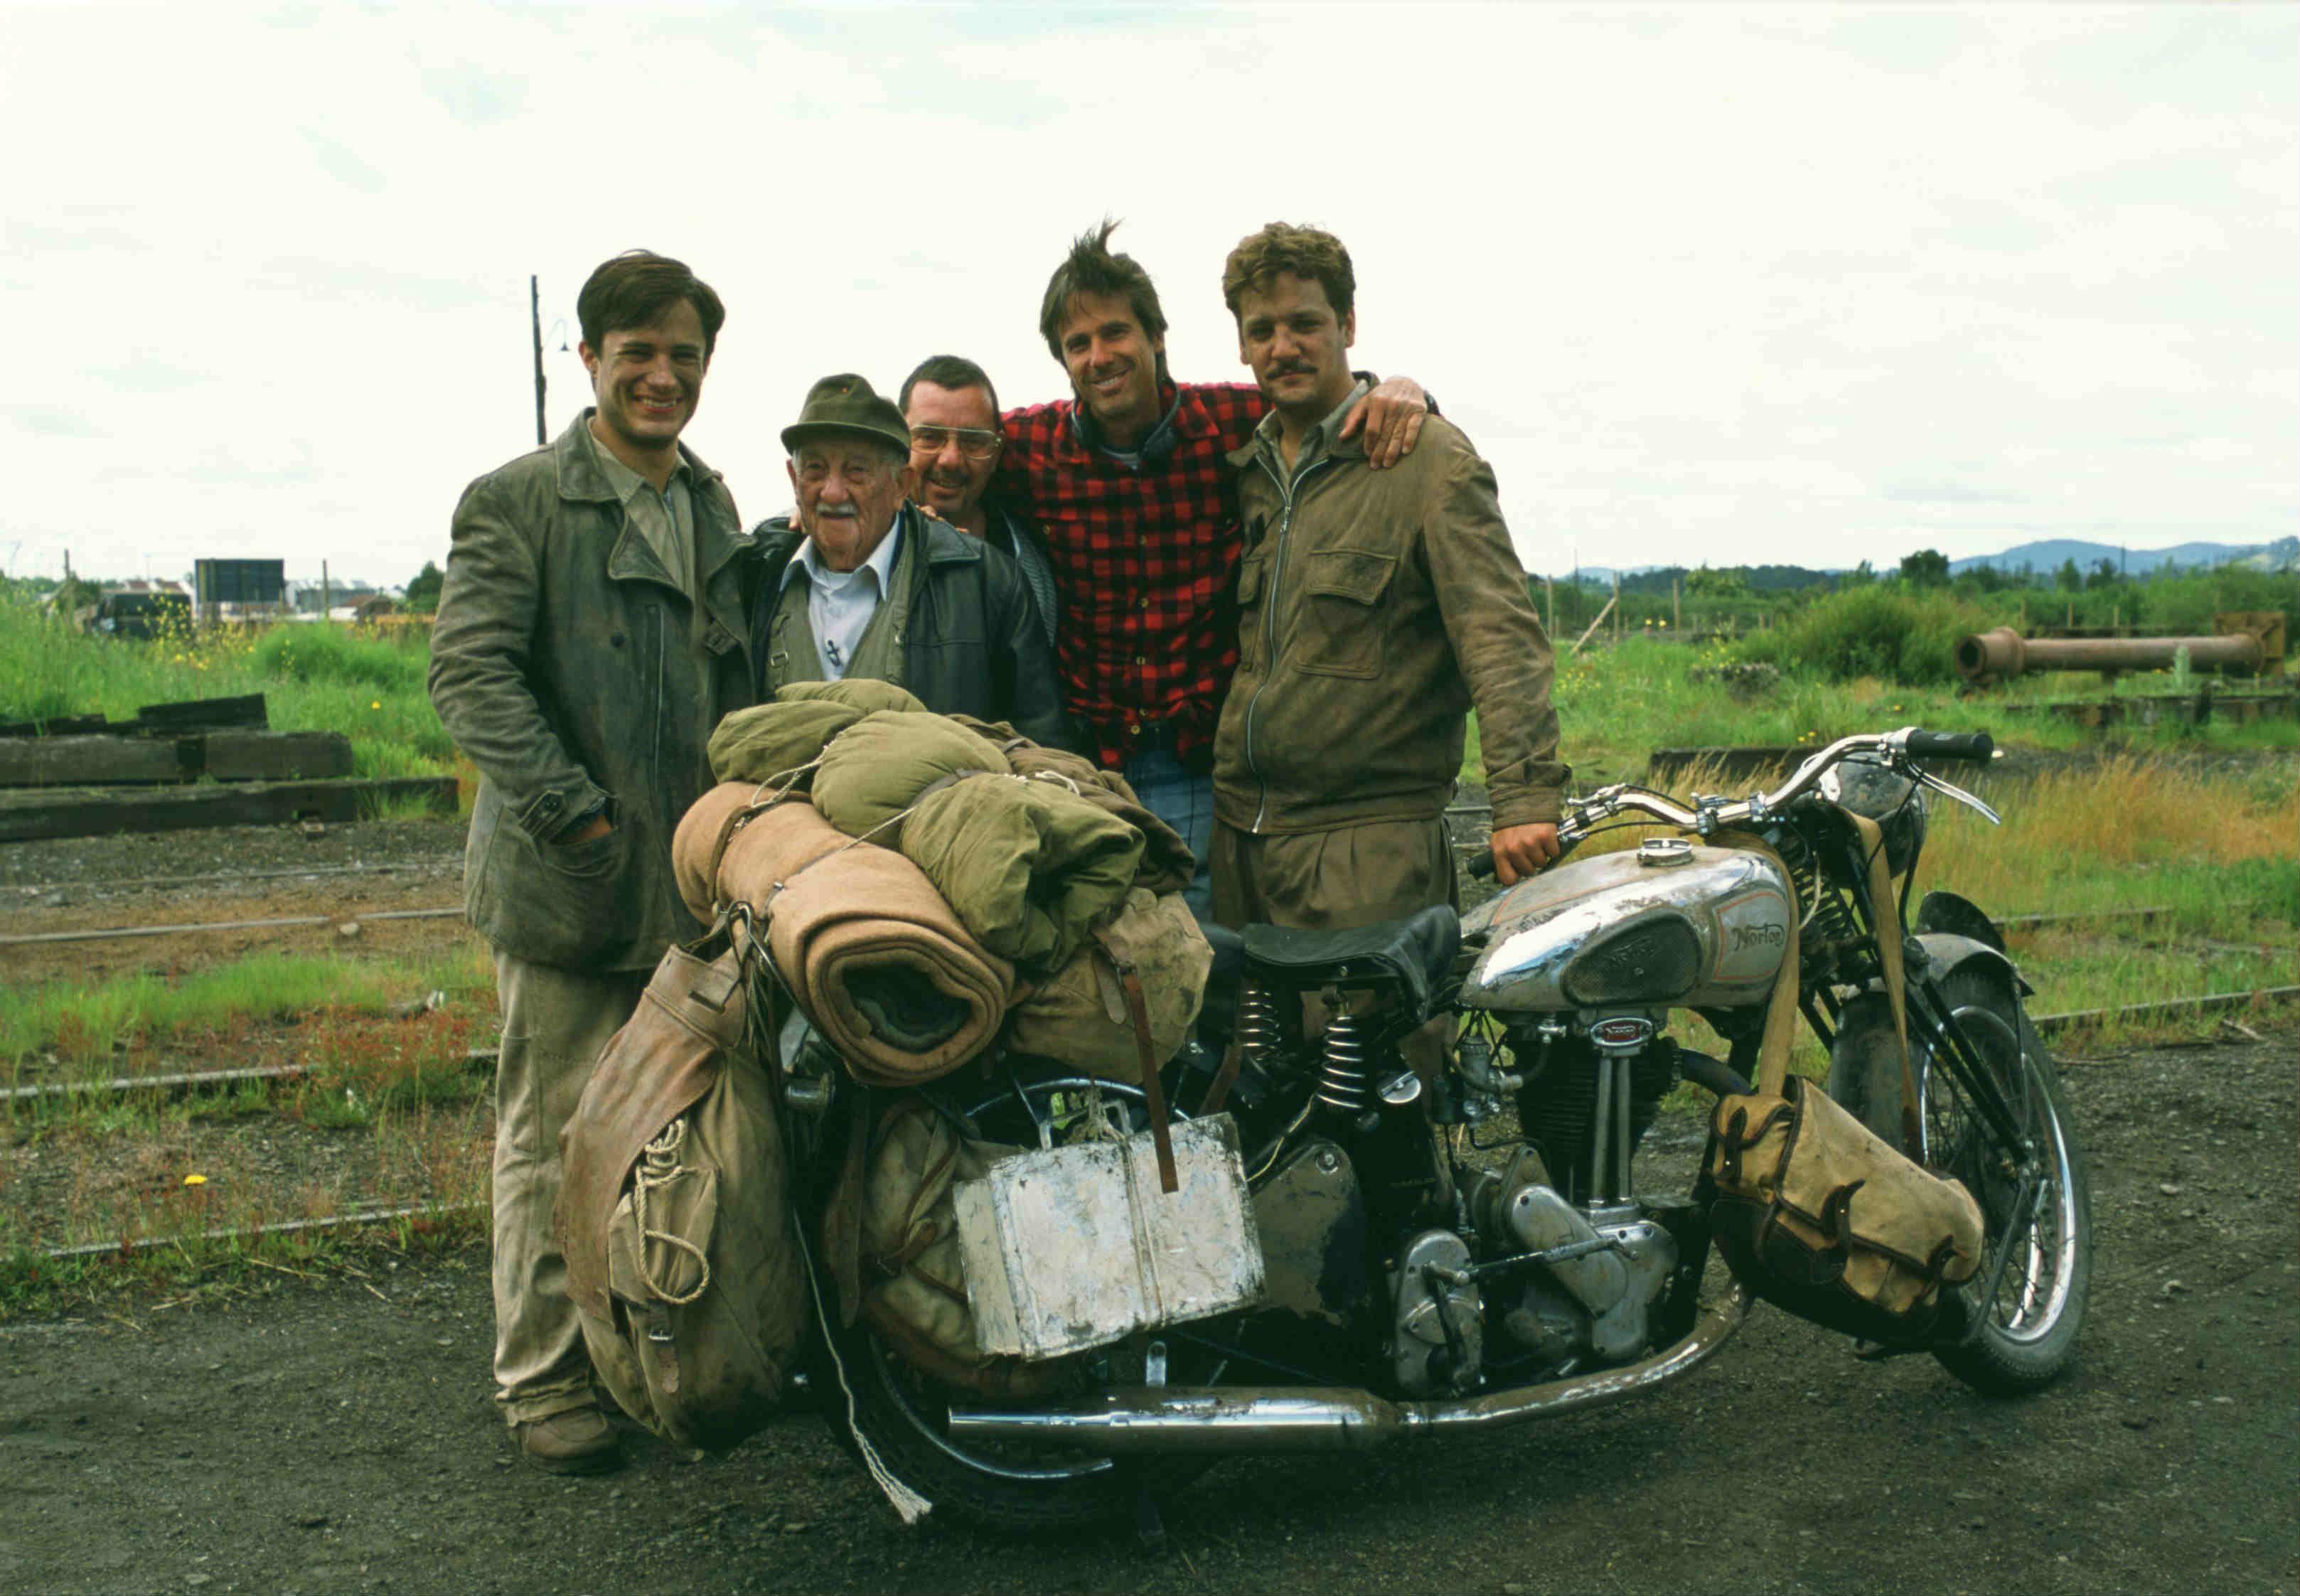 SkyCannes_i diari della motocicletta